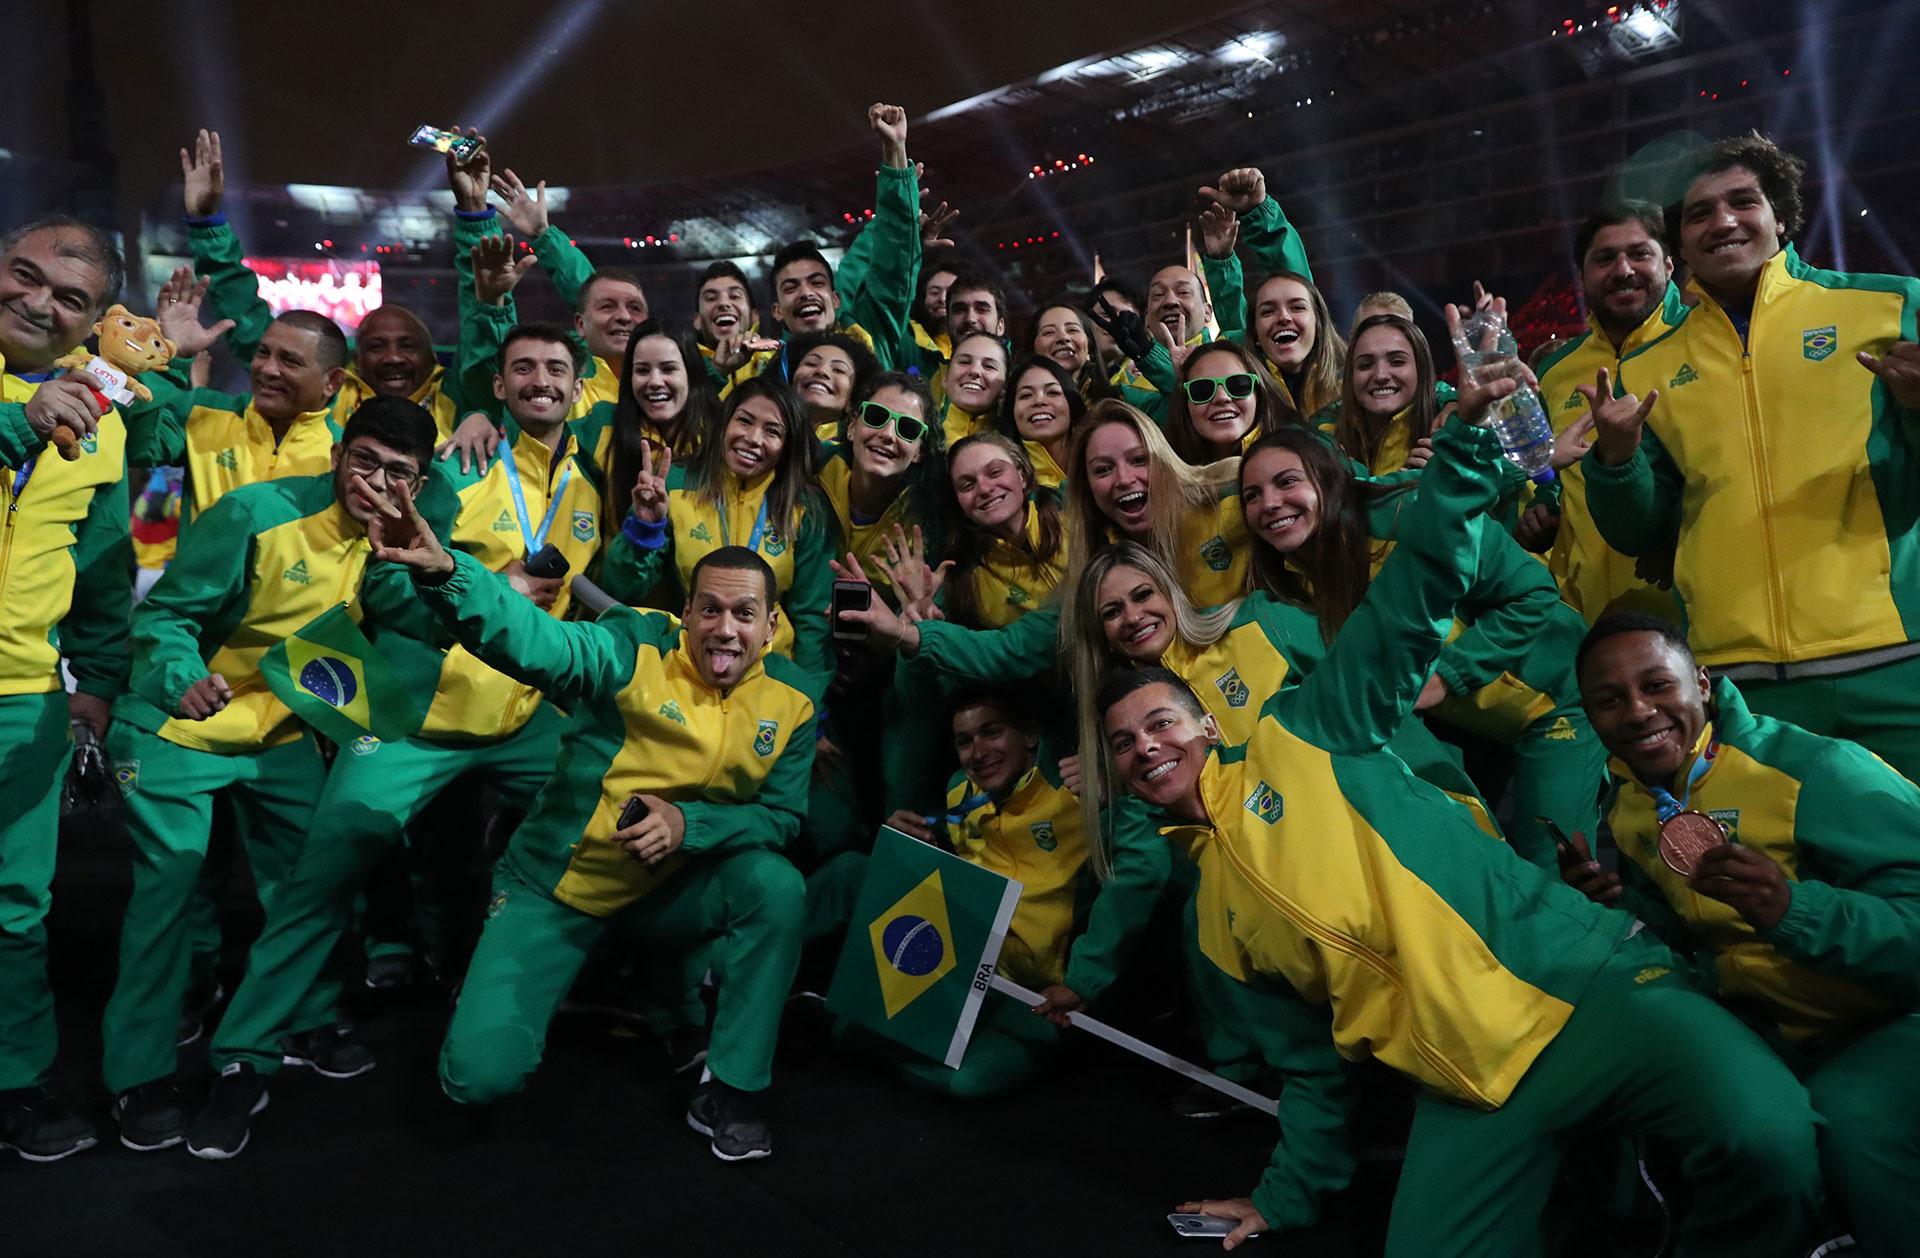 La felicidad de los deportistas brasileños en la fiesta de clausura